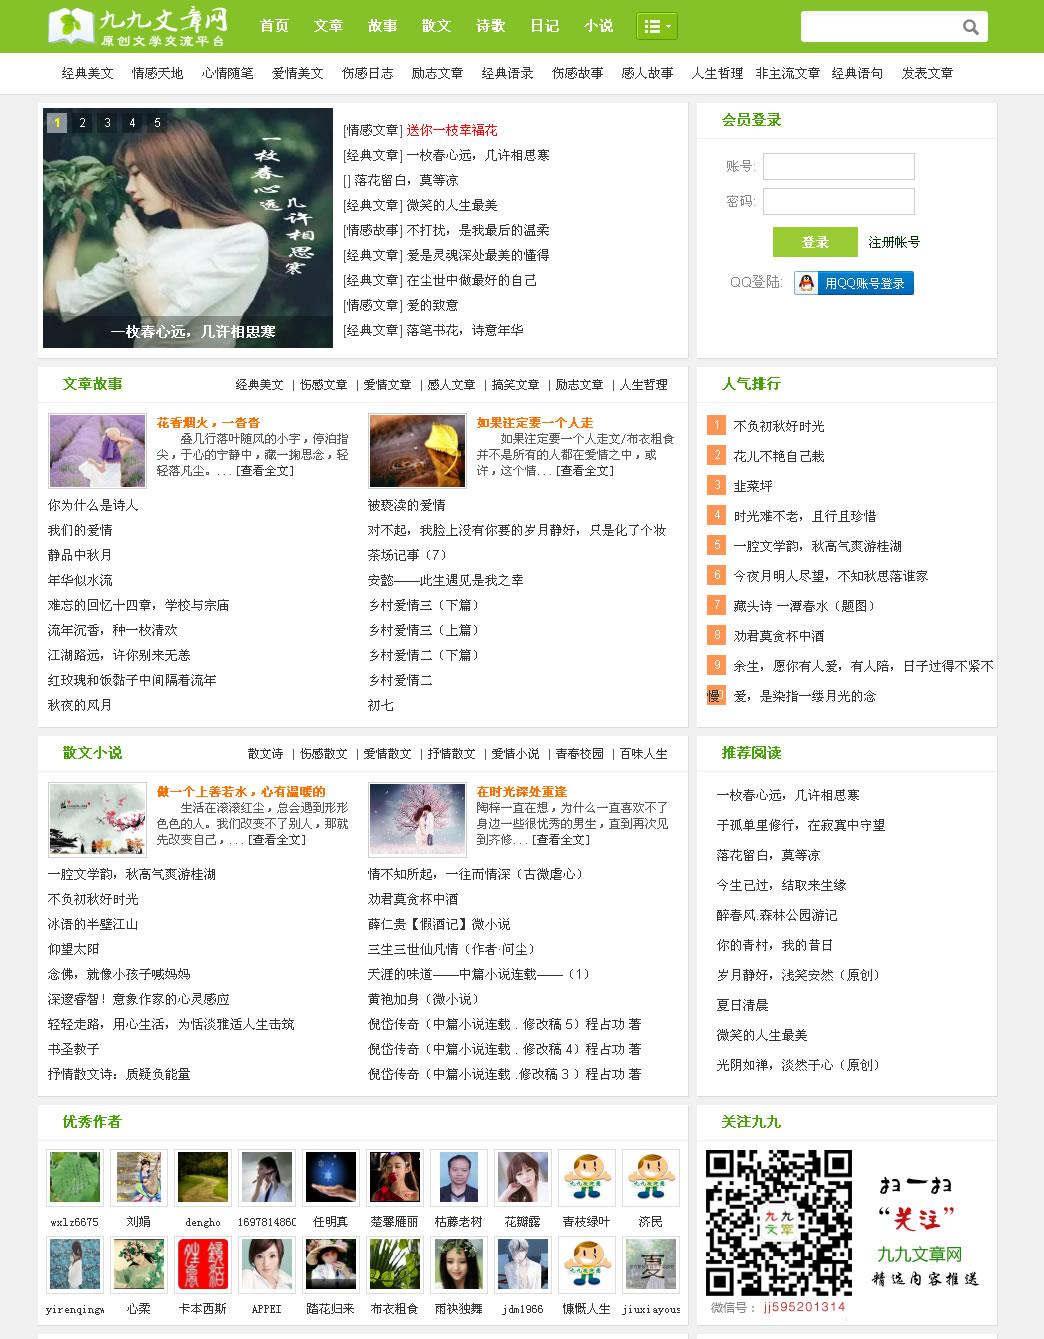 织梦dedecms精仿【99美文网】文学文章网站源码自适应手机移动端